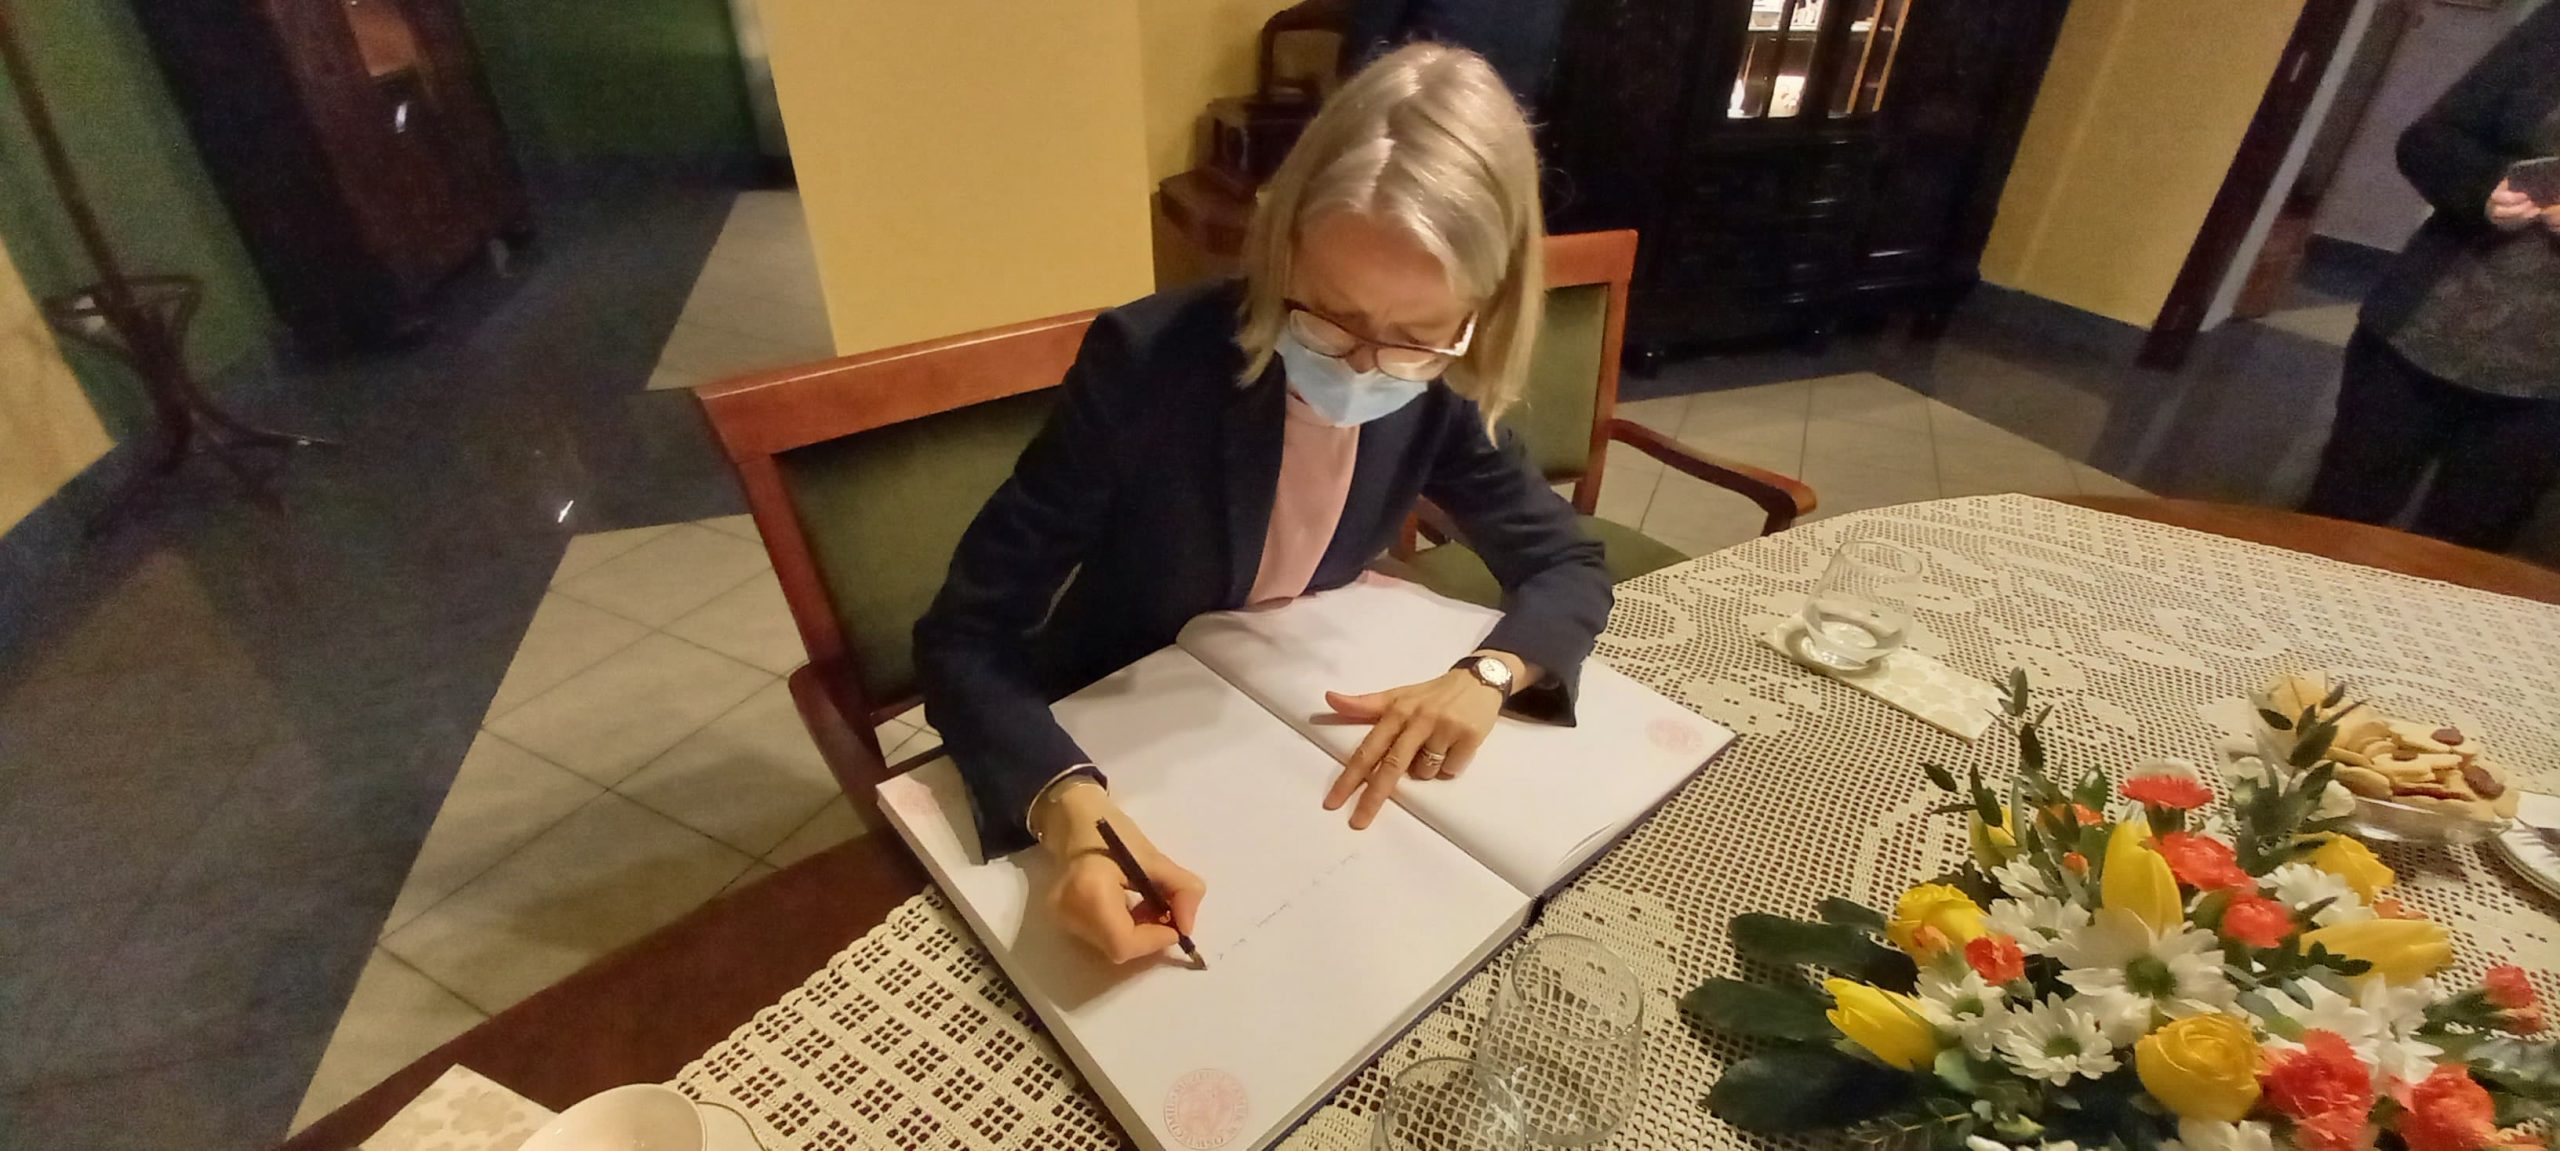 Oswiecim-zamek-ambasador-Anna-Clunes-historia-03-scaled Wizyta Pani Ambasador Wielkiej Brytanii w Oświęcimiu oswiecim pl